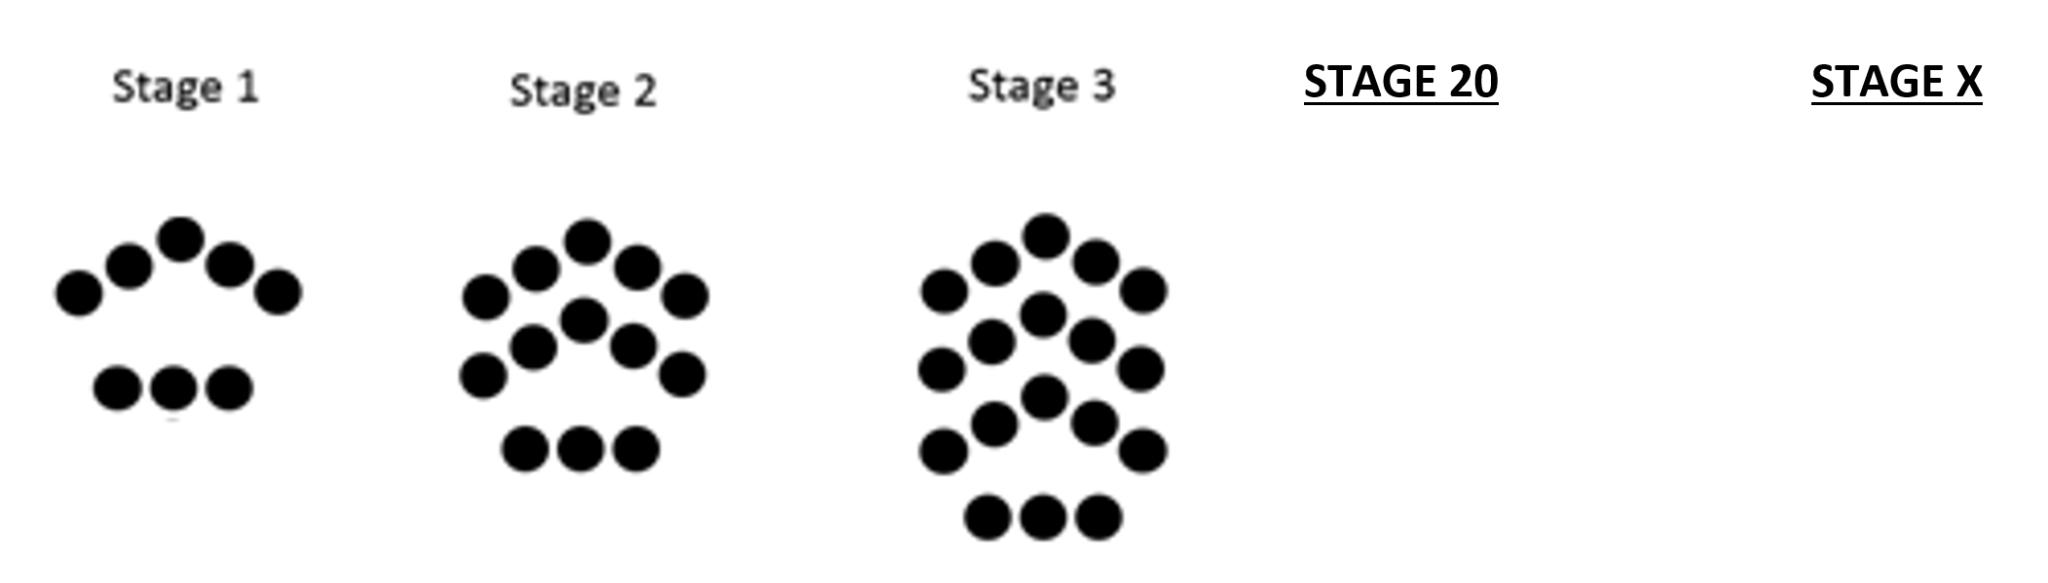 dott-pattern-v2